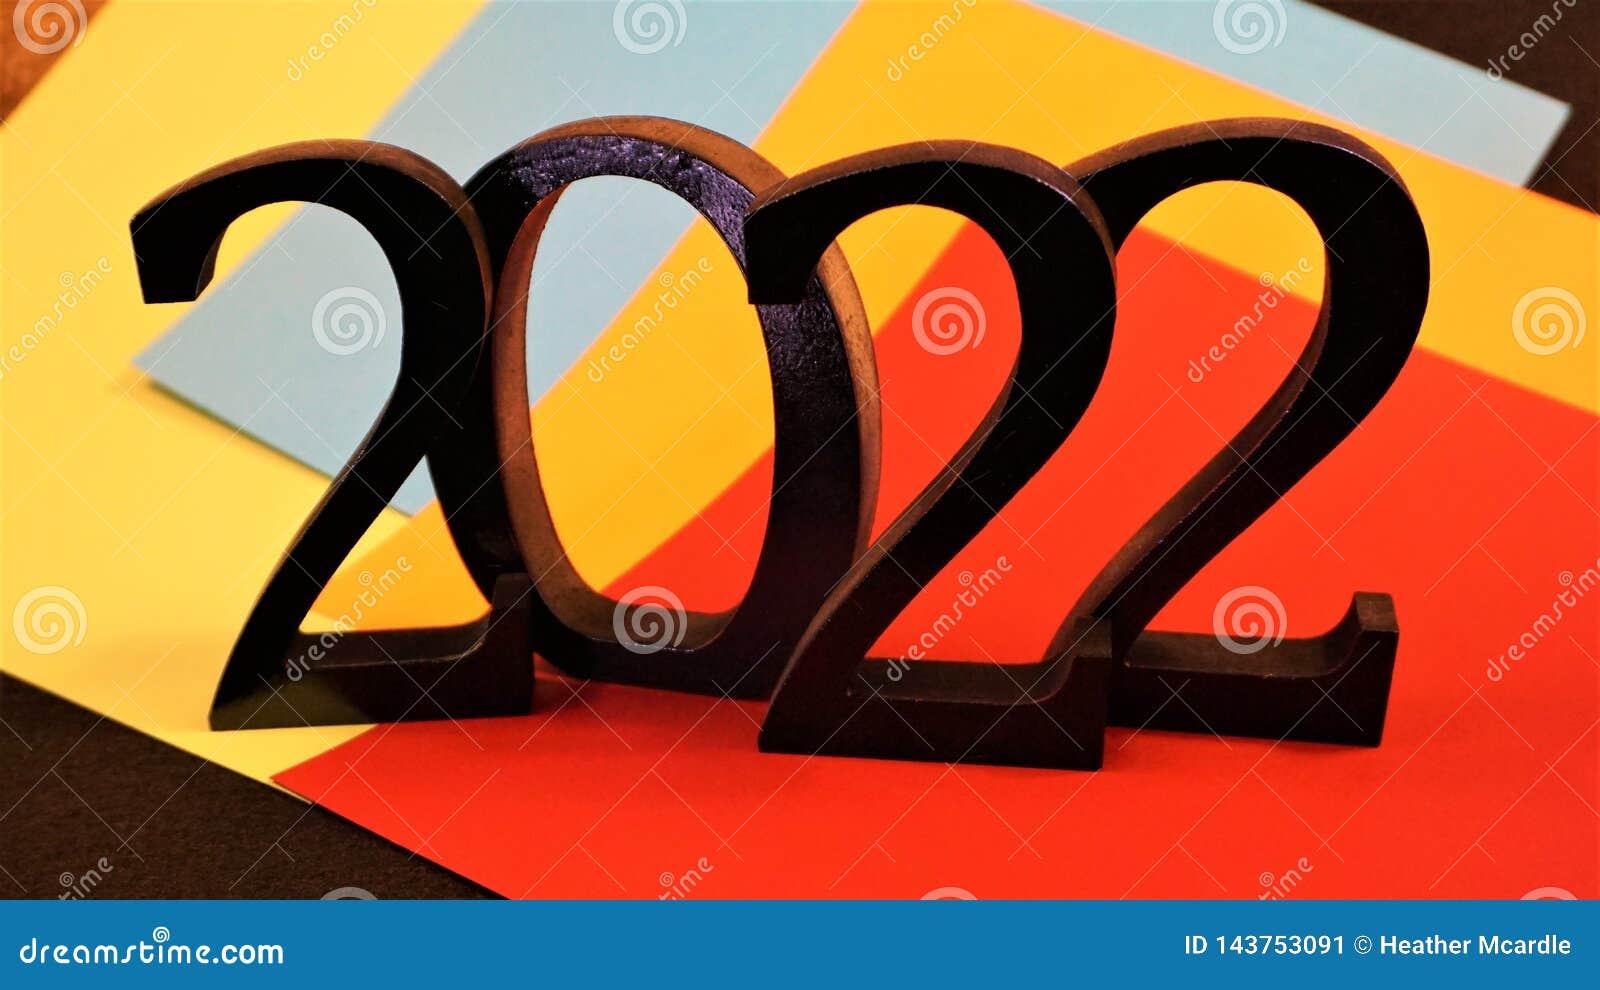 2022 números negros en el papel coloreado